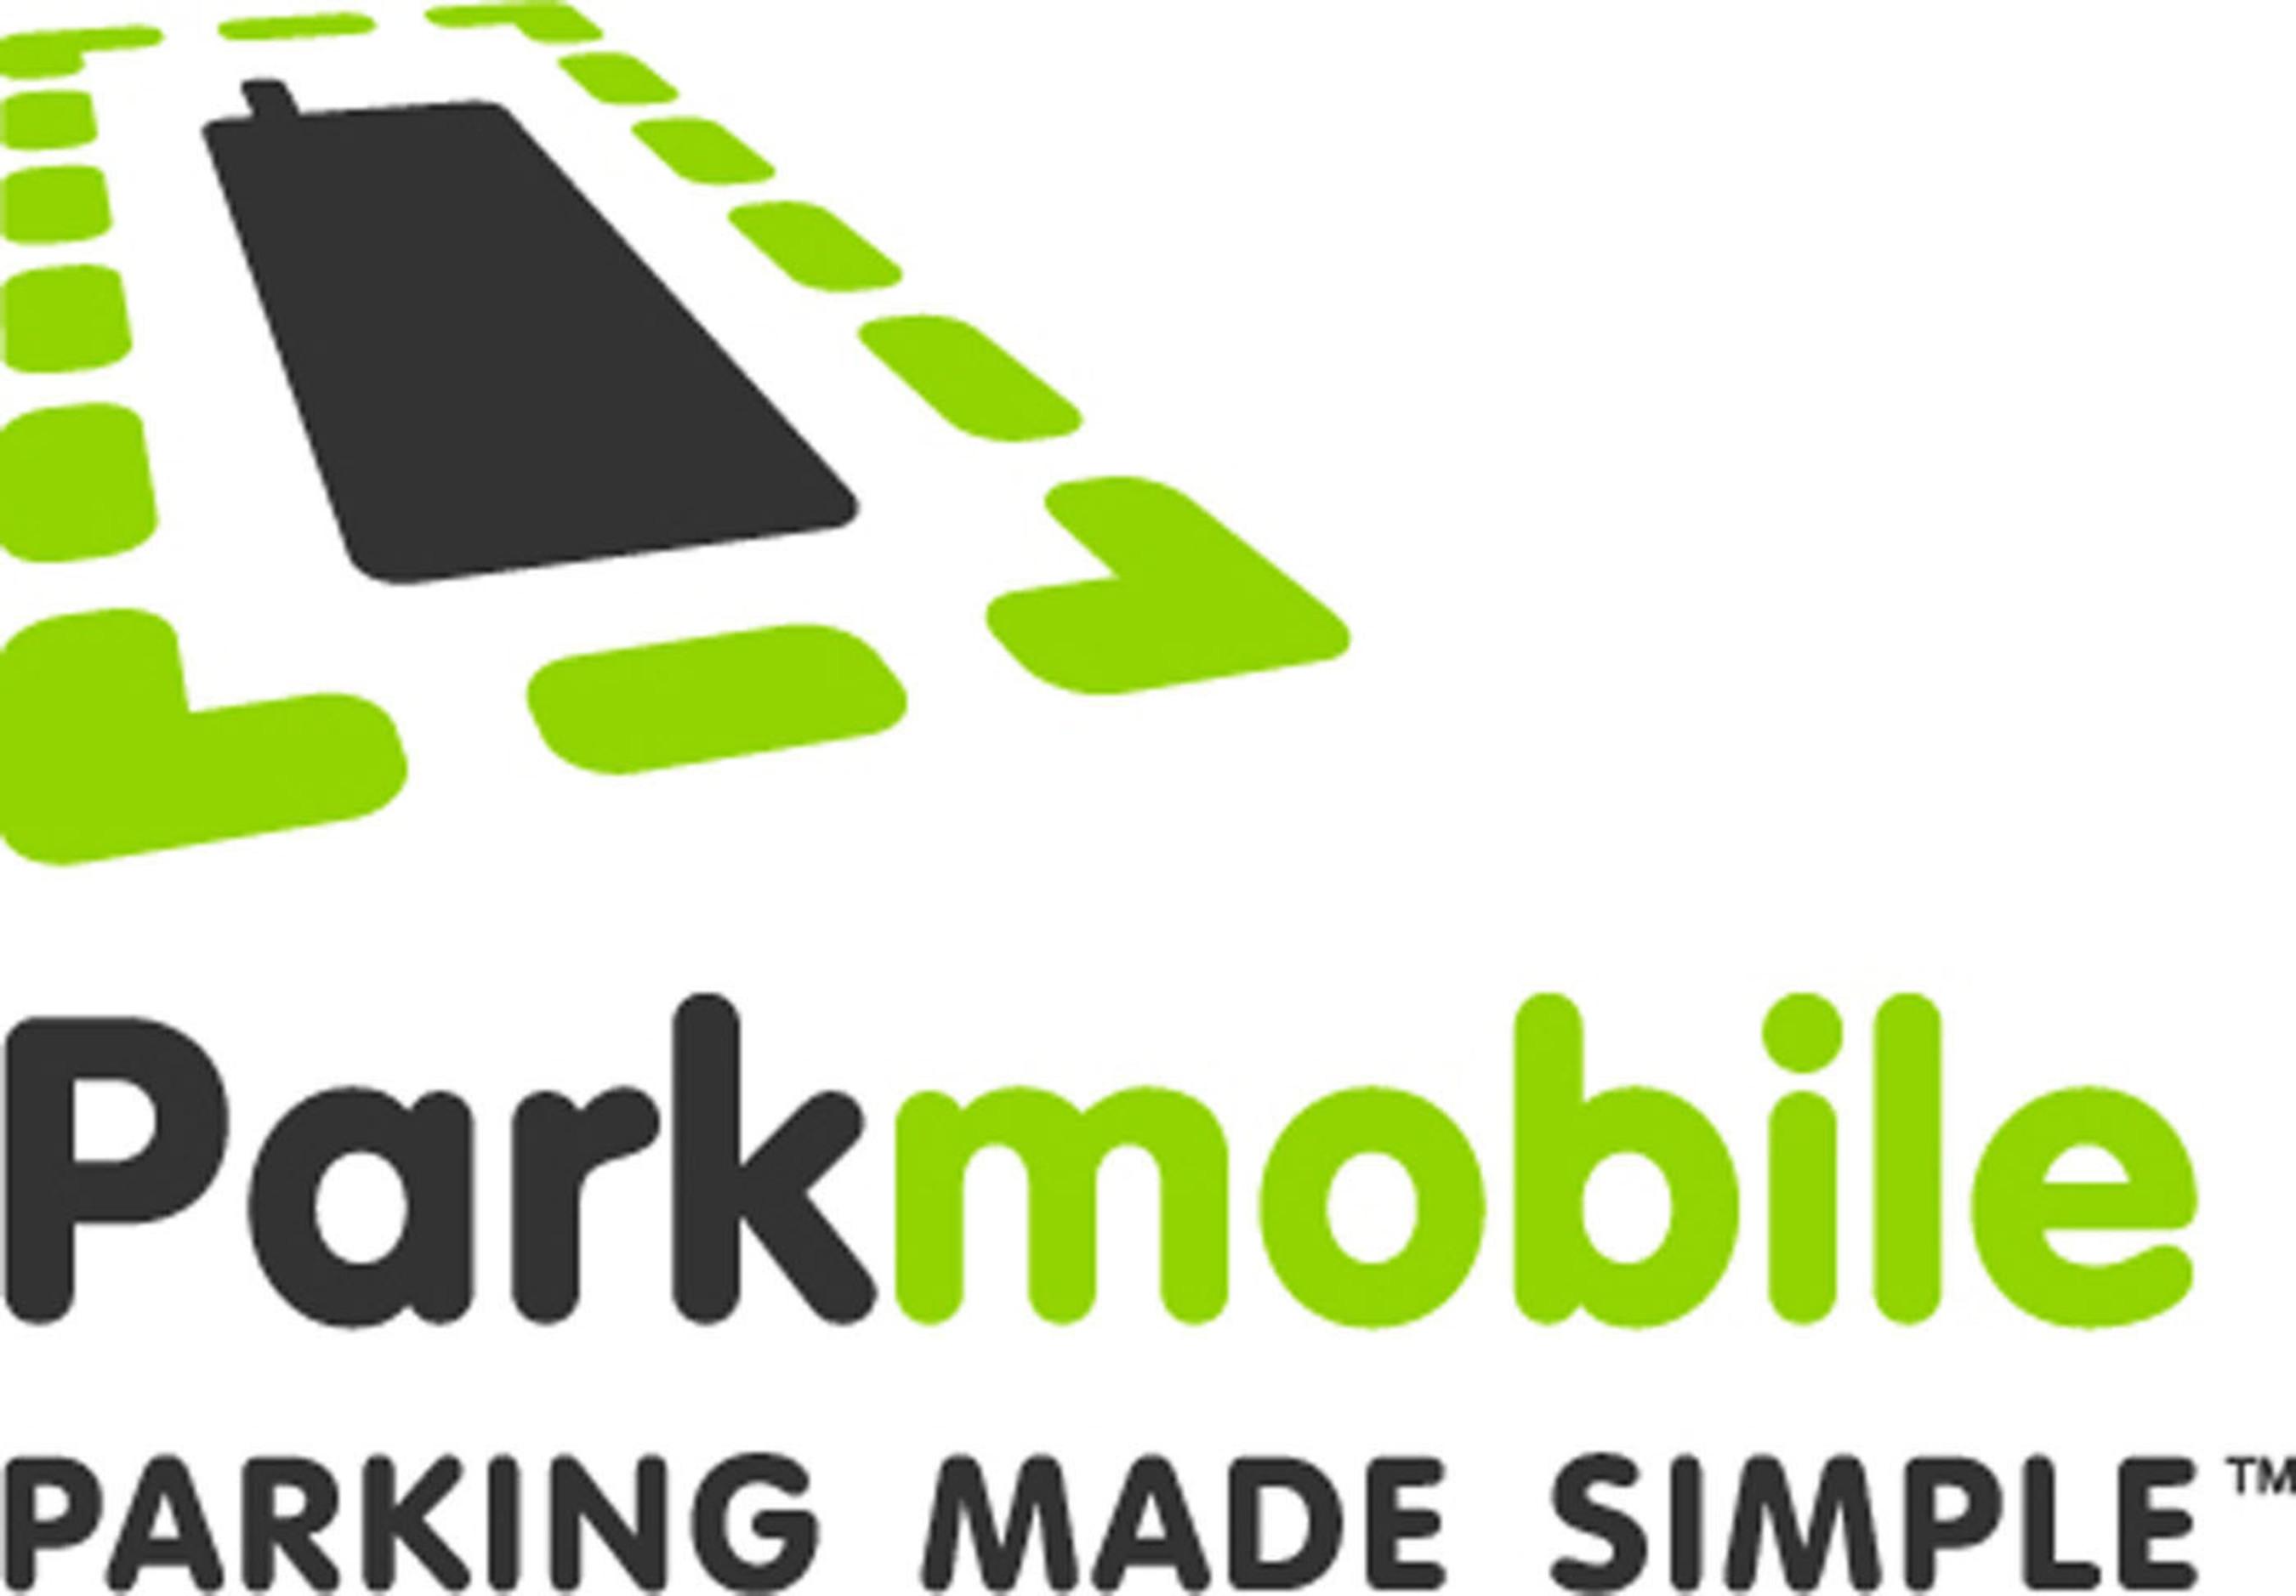 Parkmobile Logo. (PRNewsFoto/Parkmobile USA, Inc.) (PRNewsFoto/)